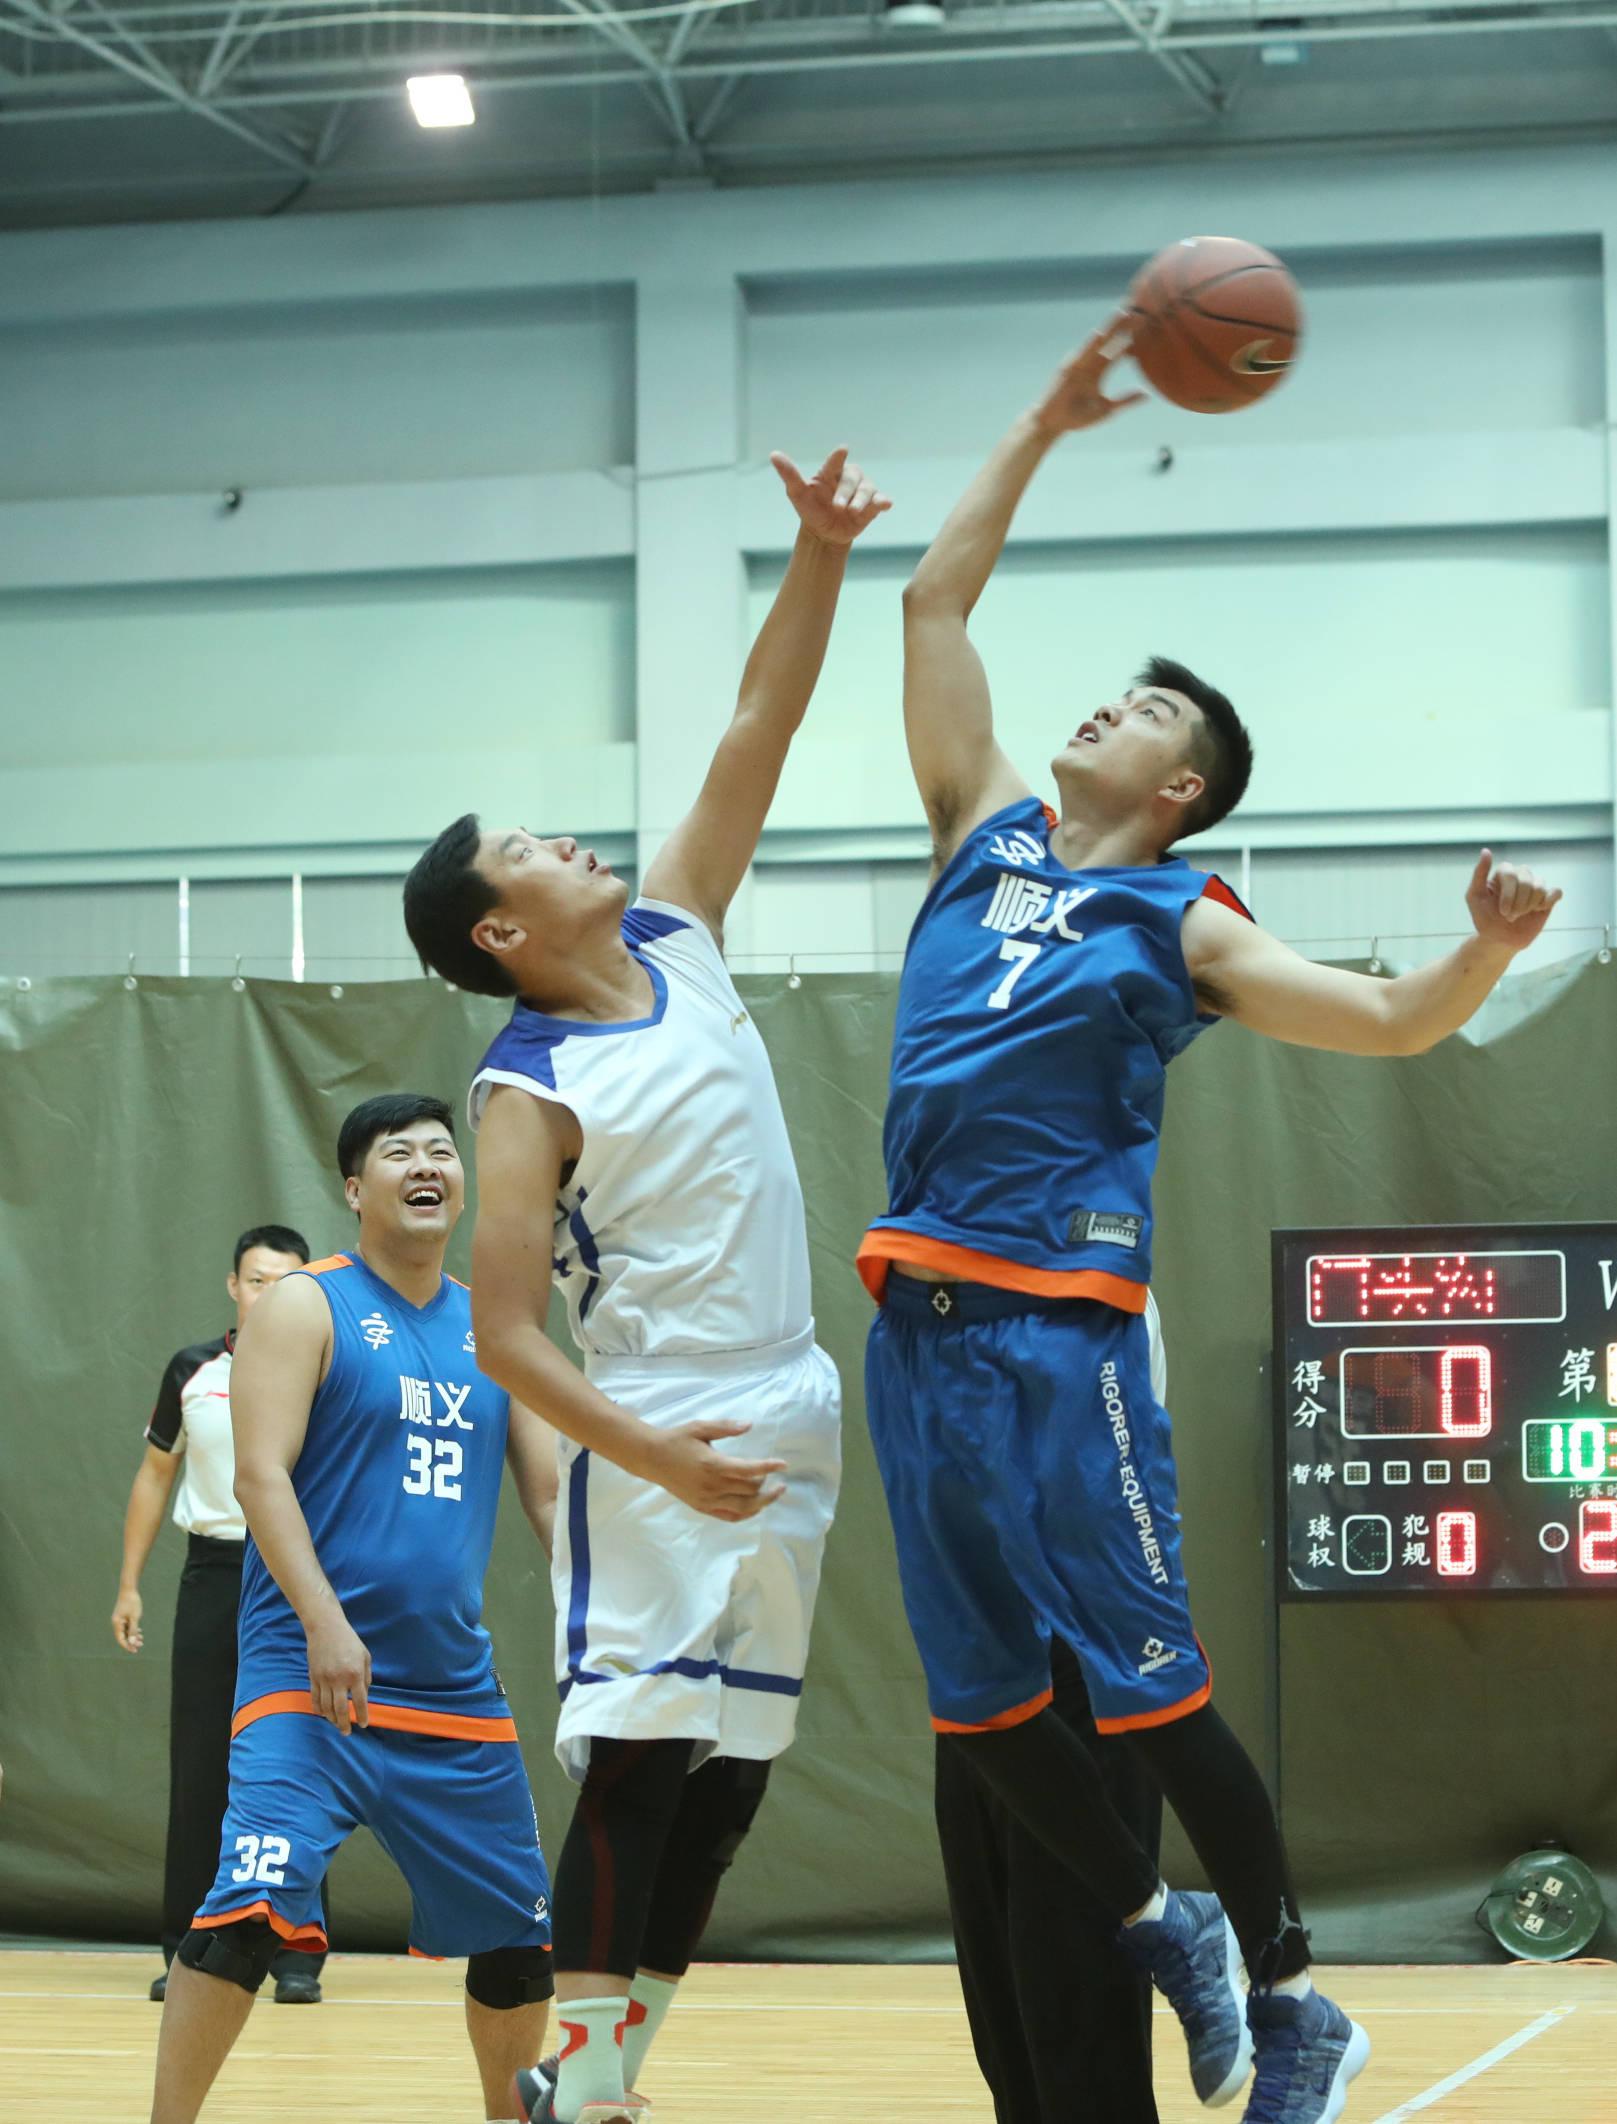 北京市农人篮球、跳绳比赛正式打响